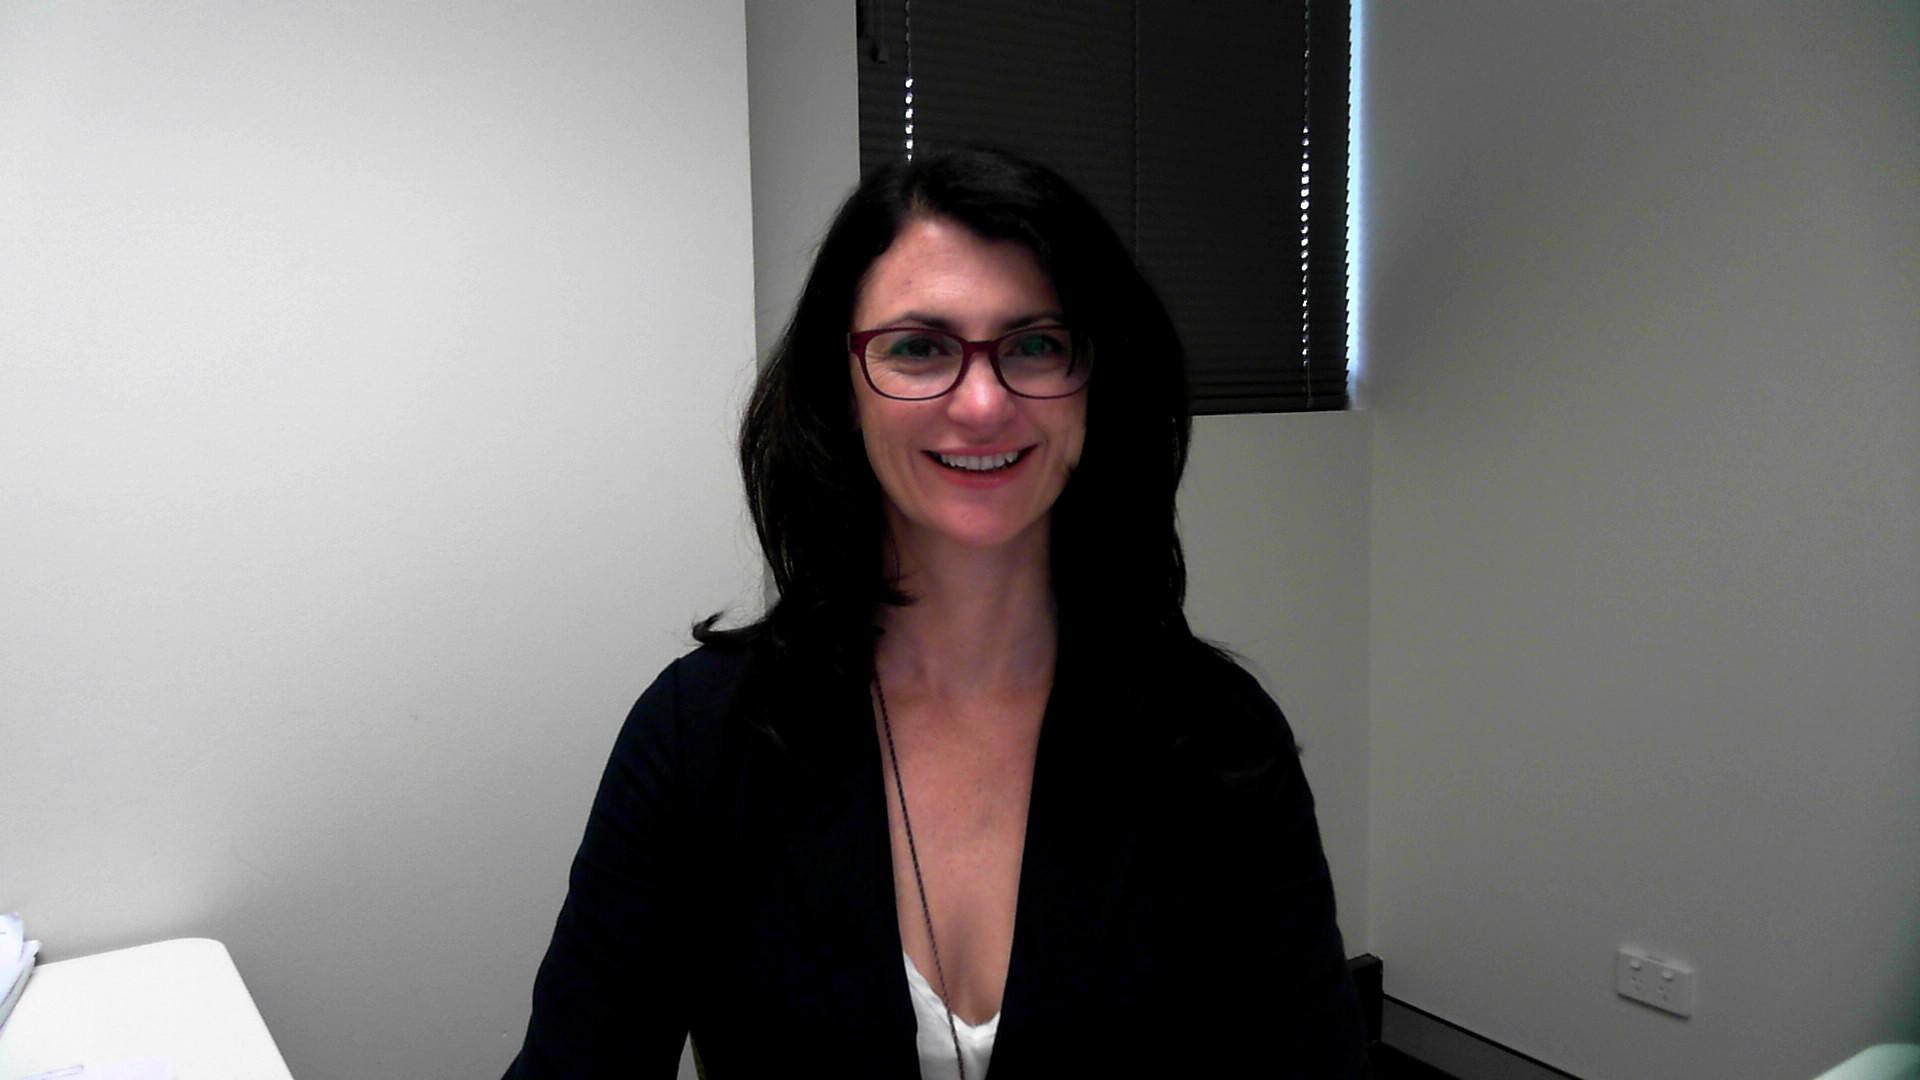 Dr Joy Sophie Tripovich